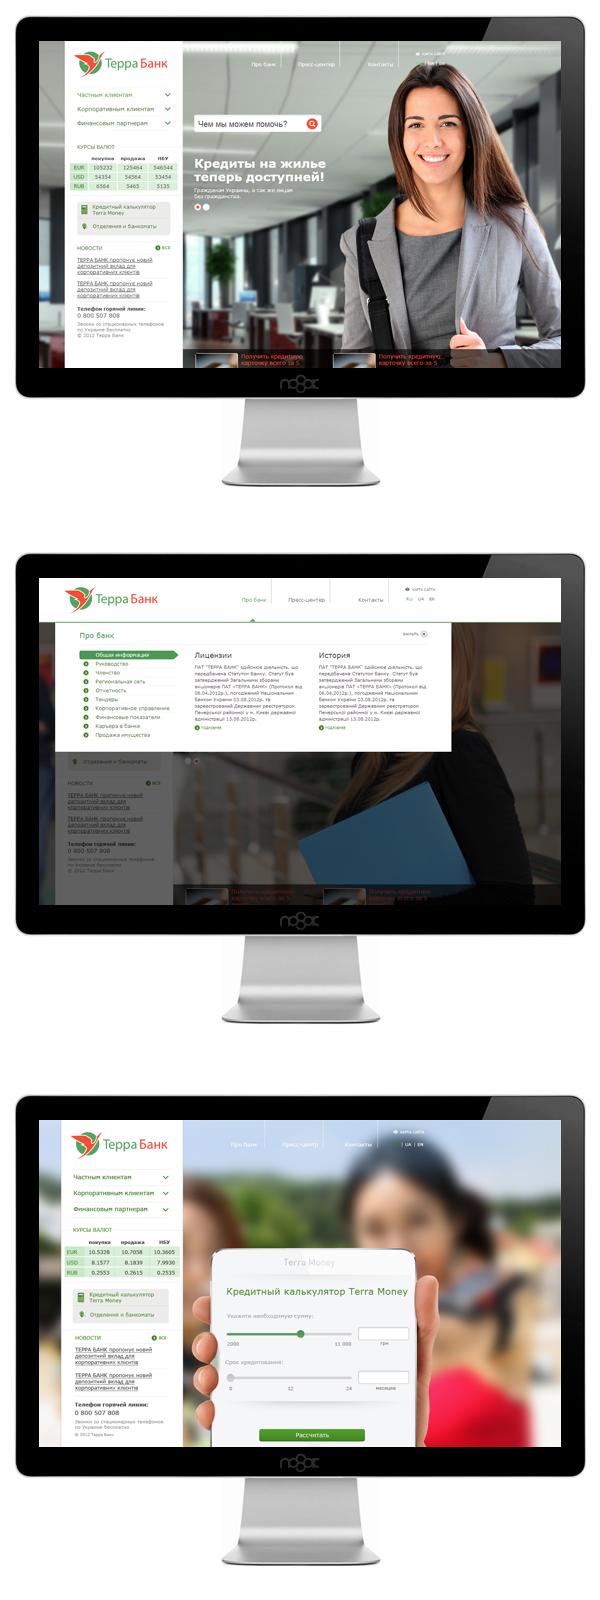 Terrabank website